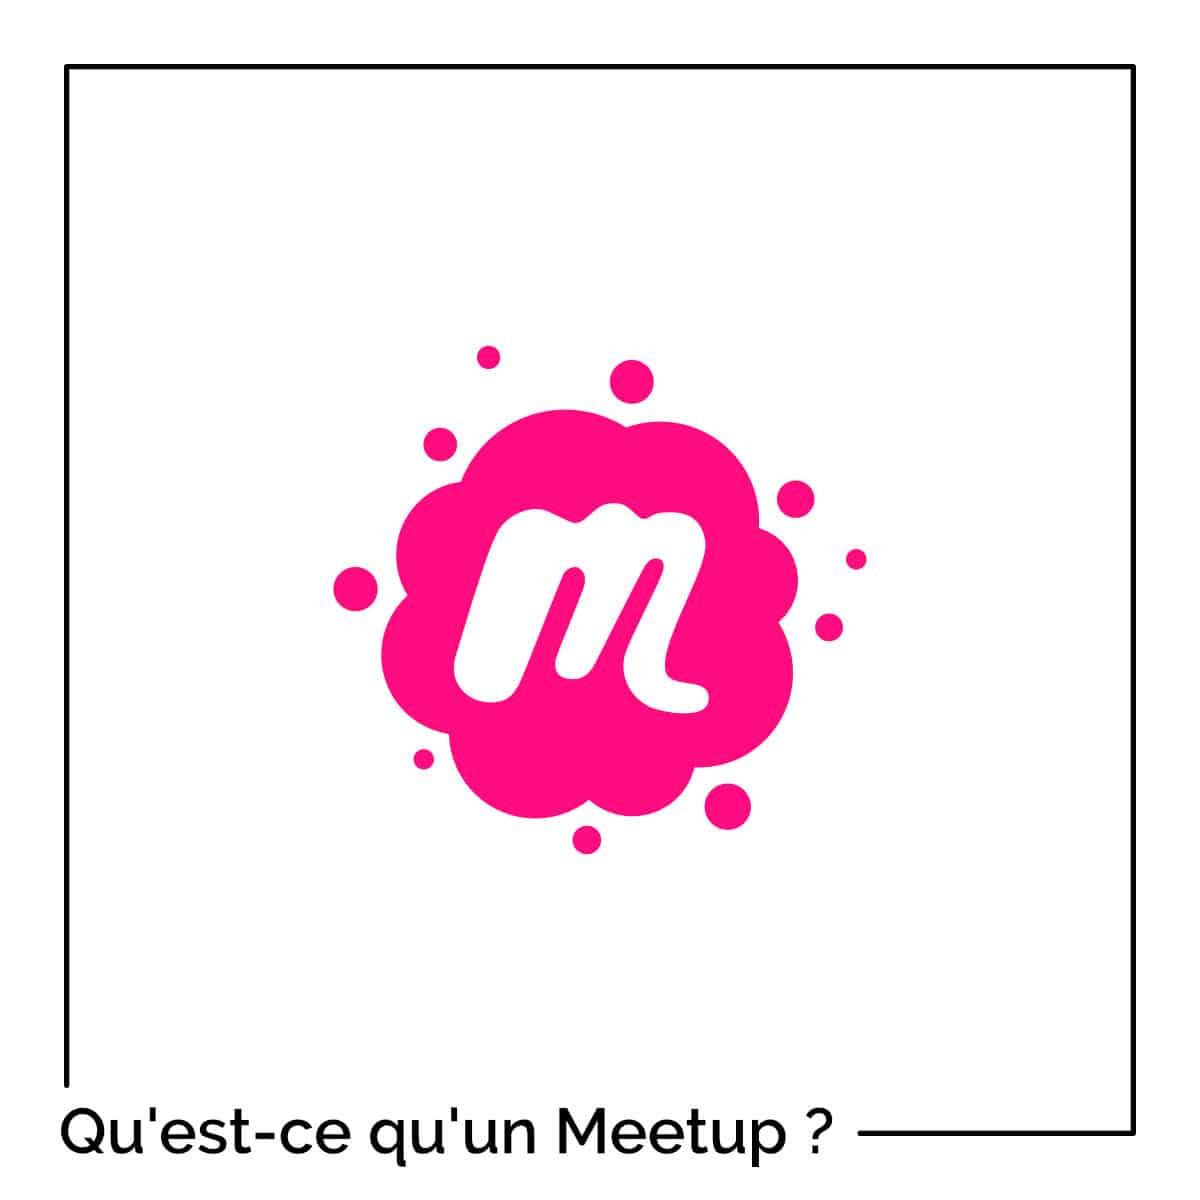 Qu'est-ce qu'un Meetup et à quoi ça sert ?